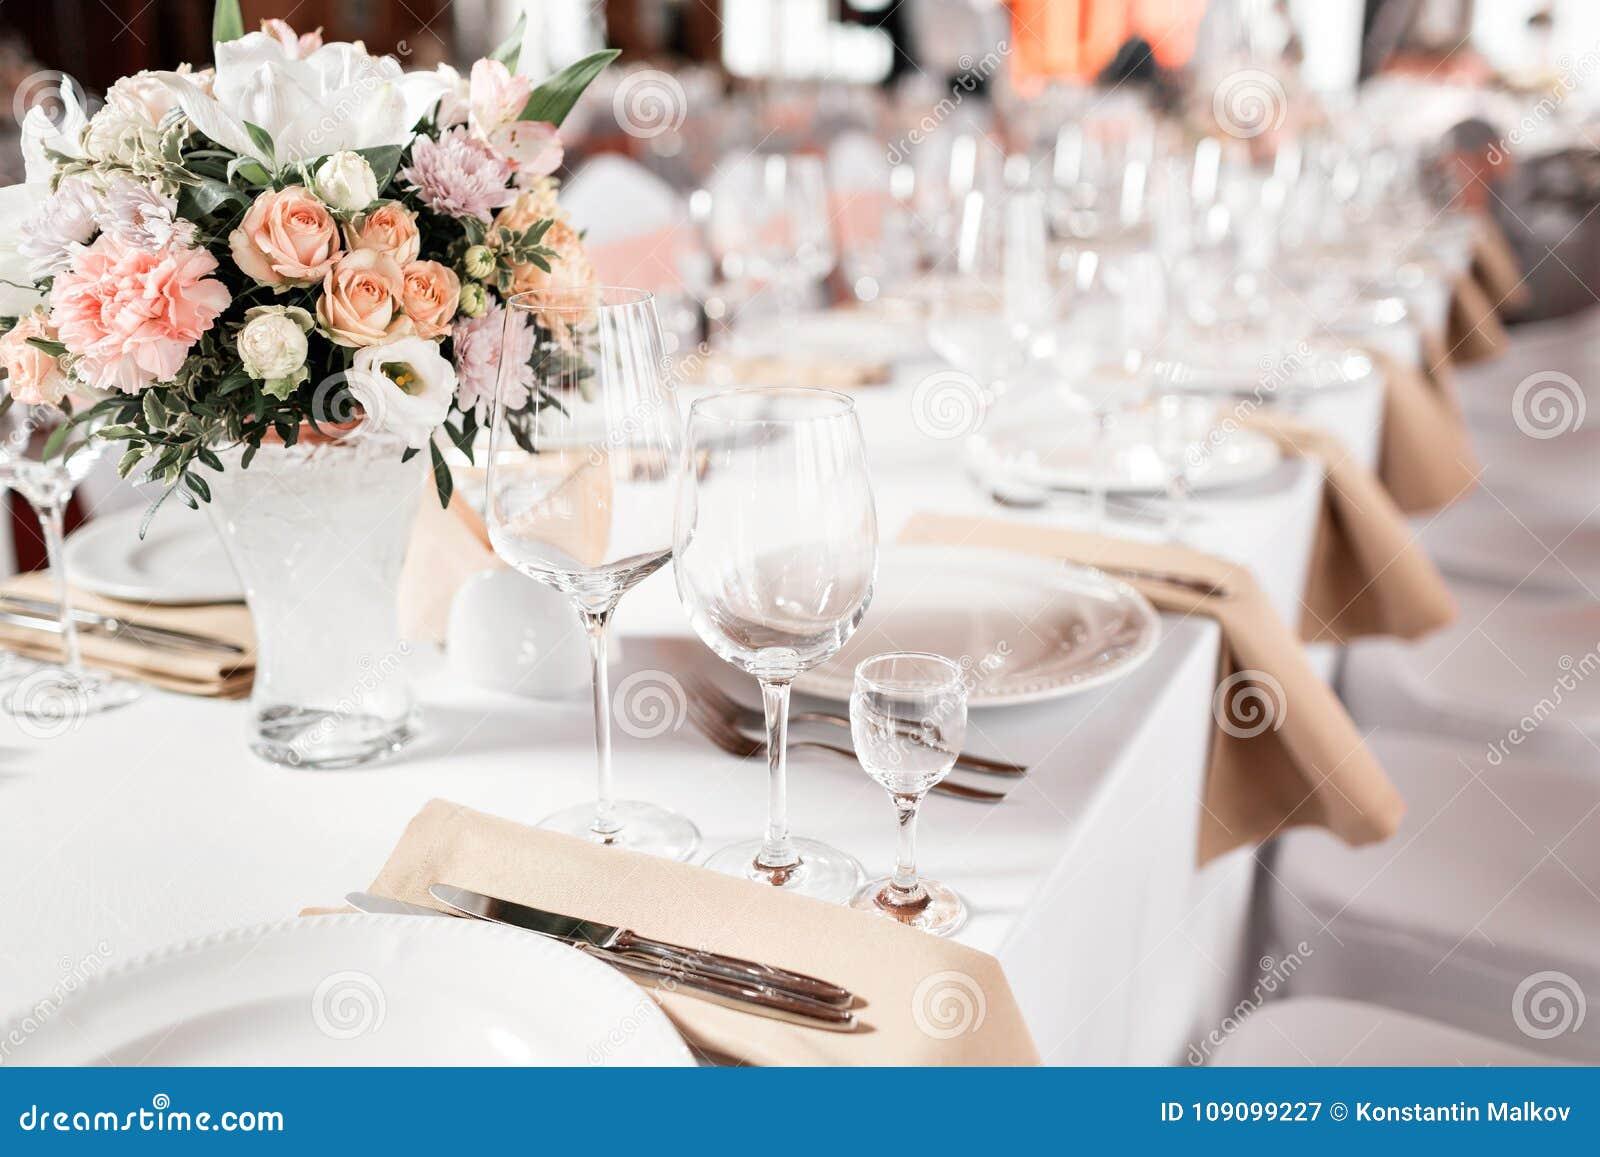 Tabellen stellten für eine Ereignispartei oder -Hochzeitsempfang ein Elegantes Gedeckluxusabendessen in einem Restaurant Gläser u